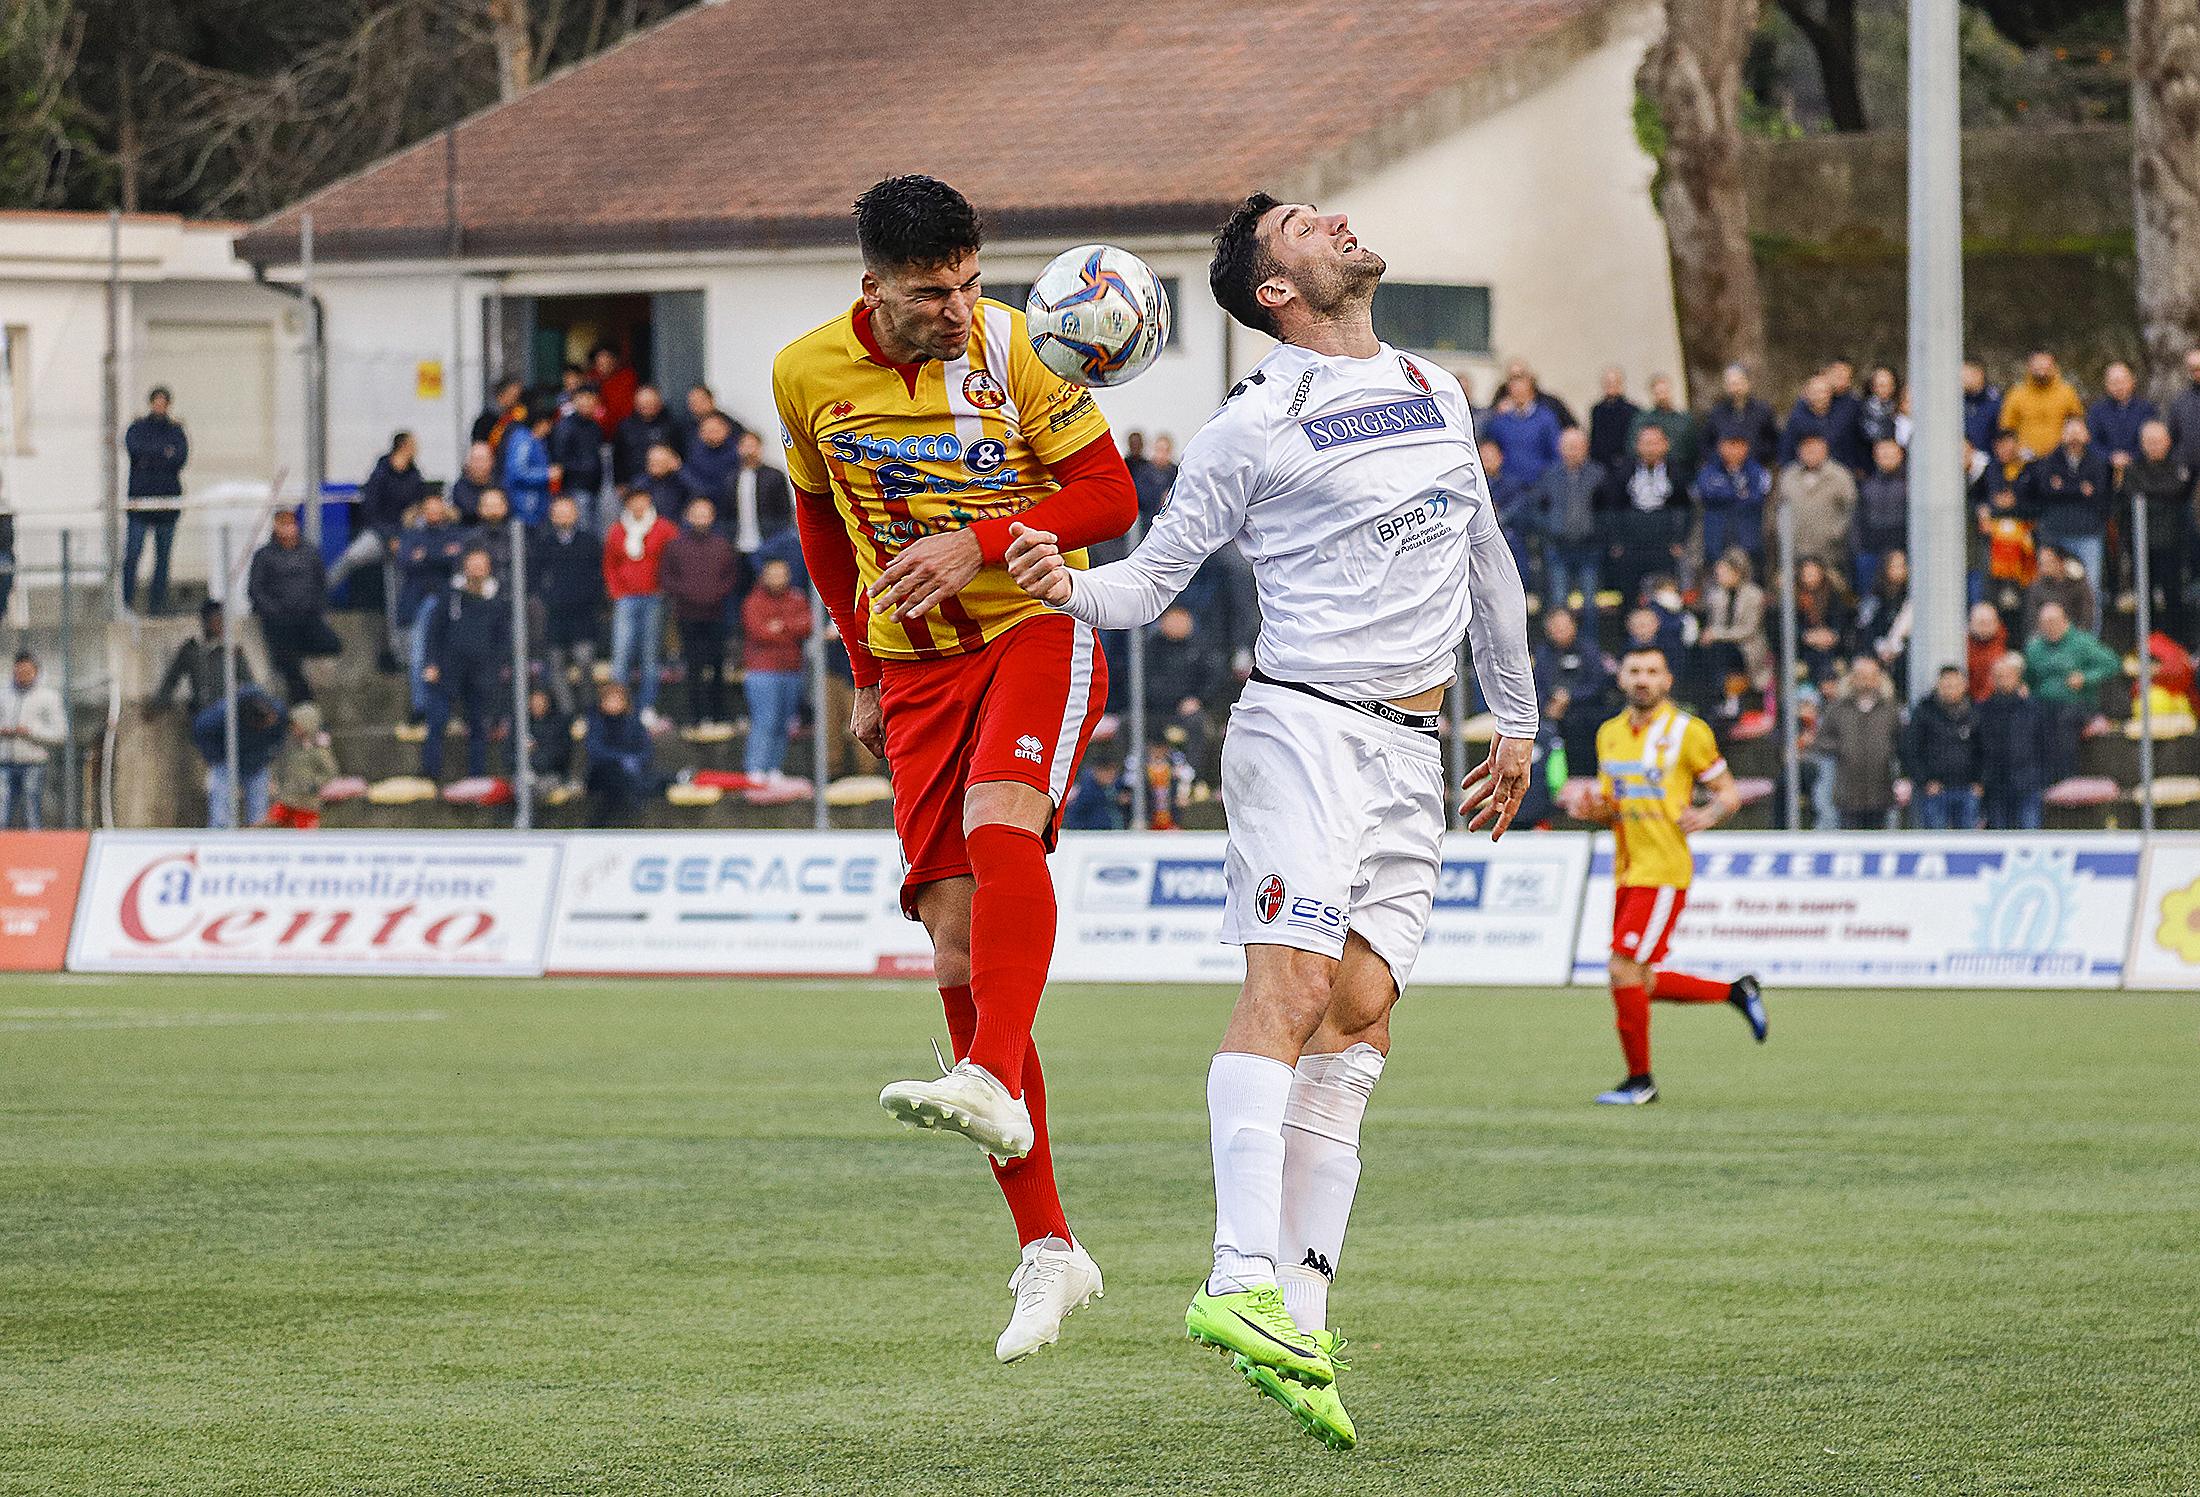 Cittanovese-Bari: 3-2...